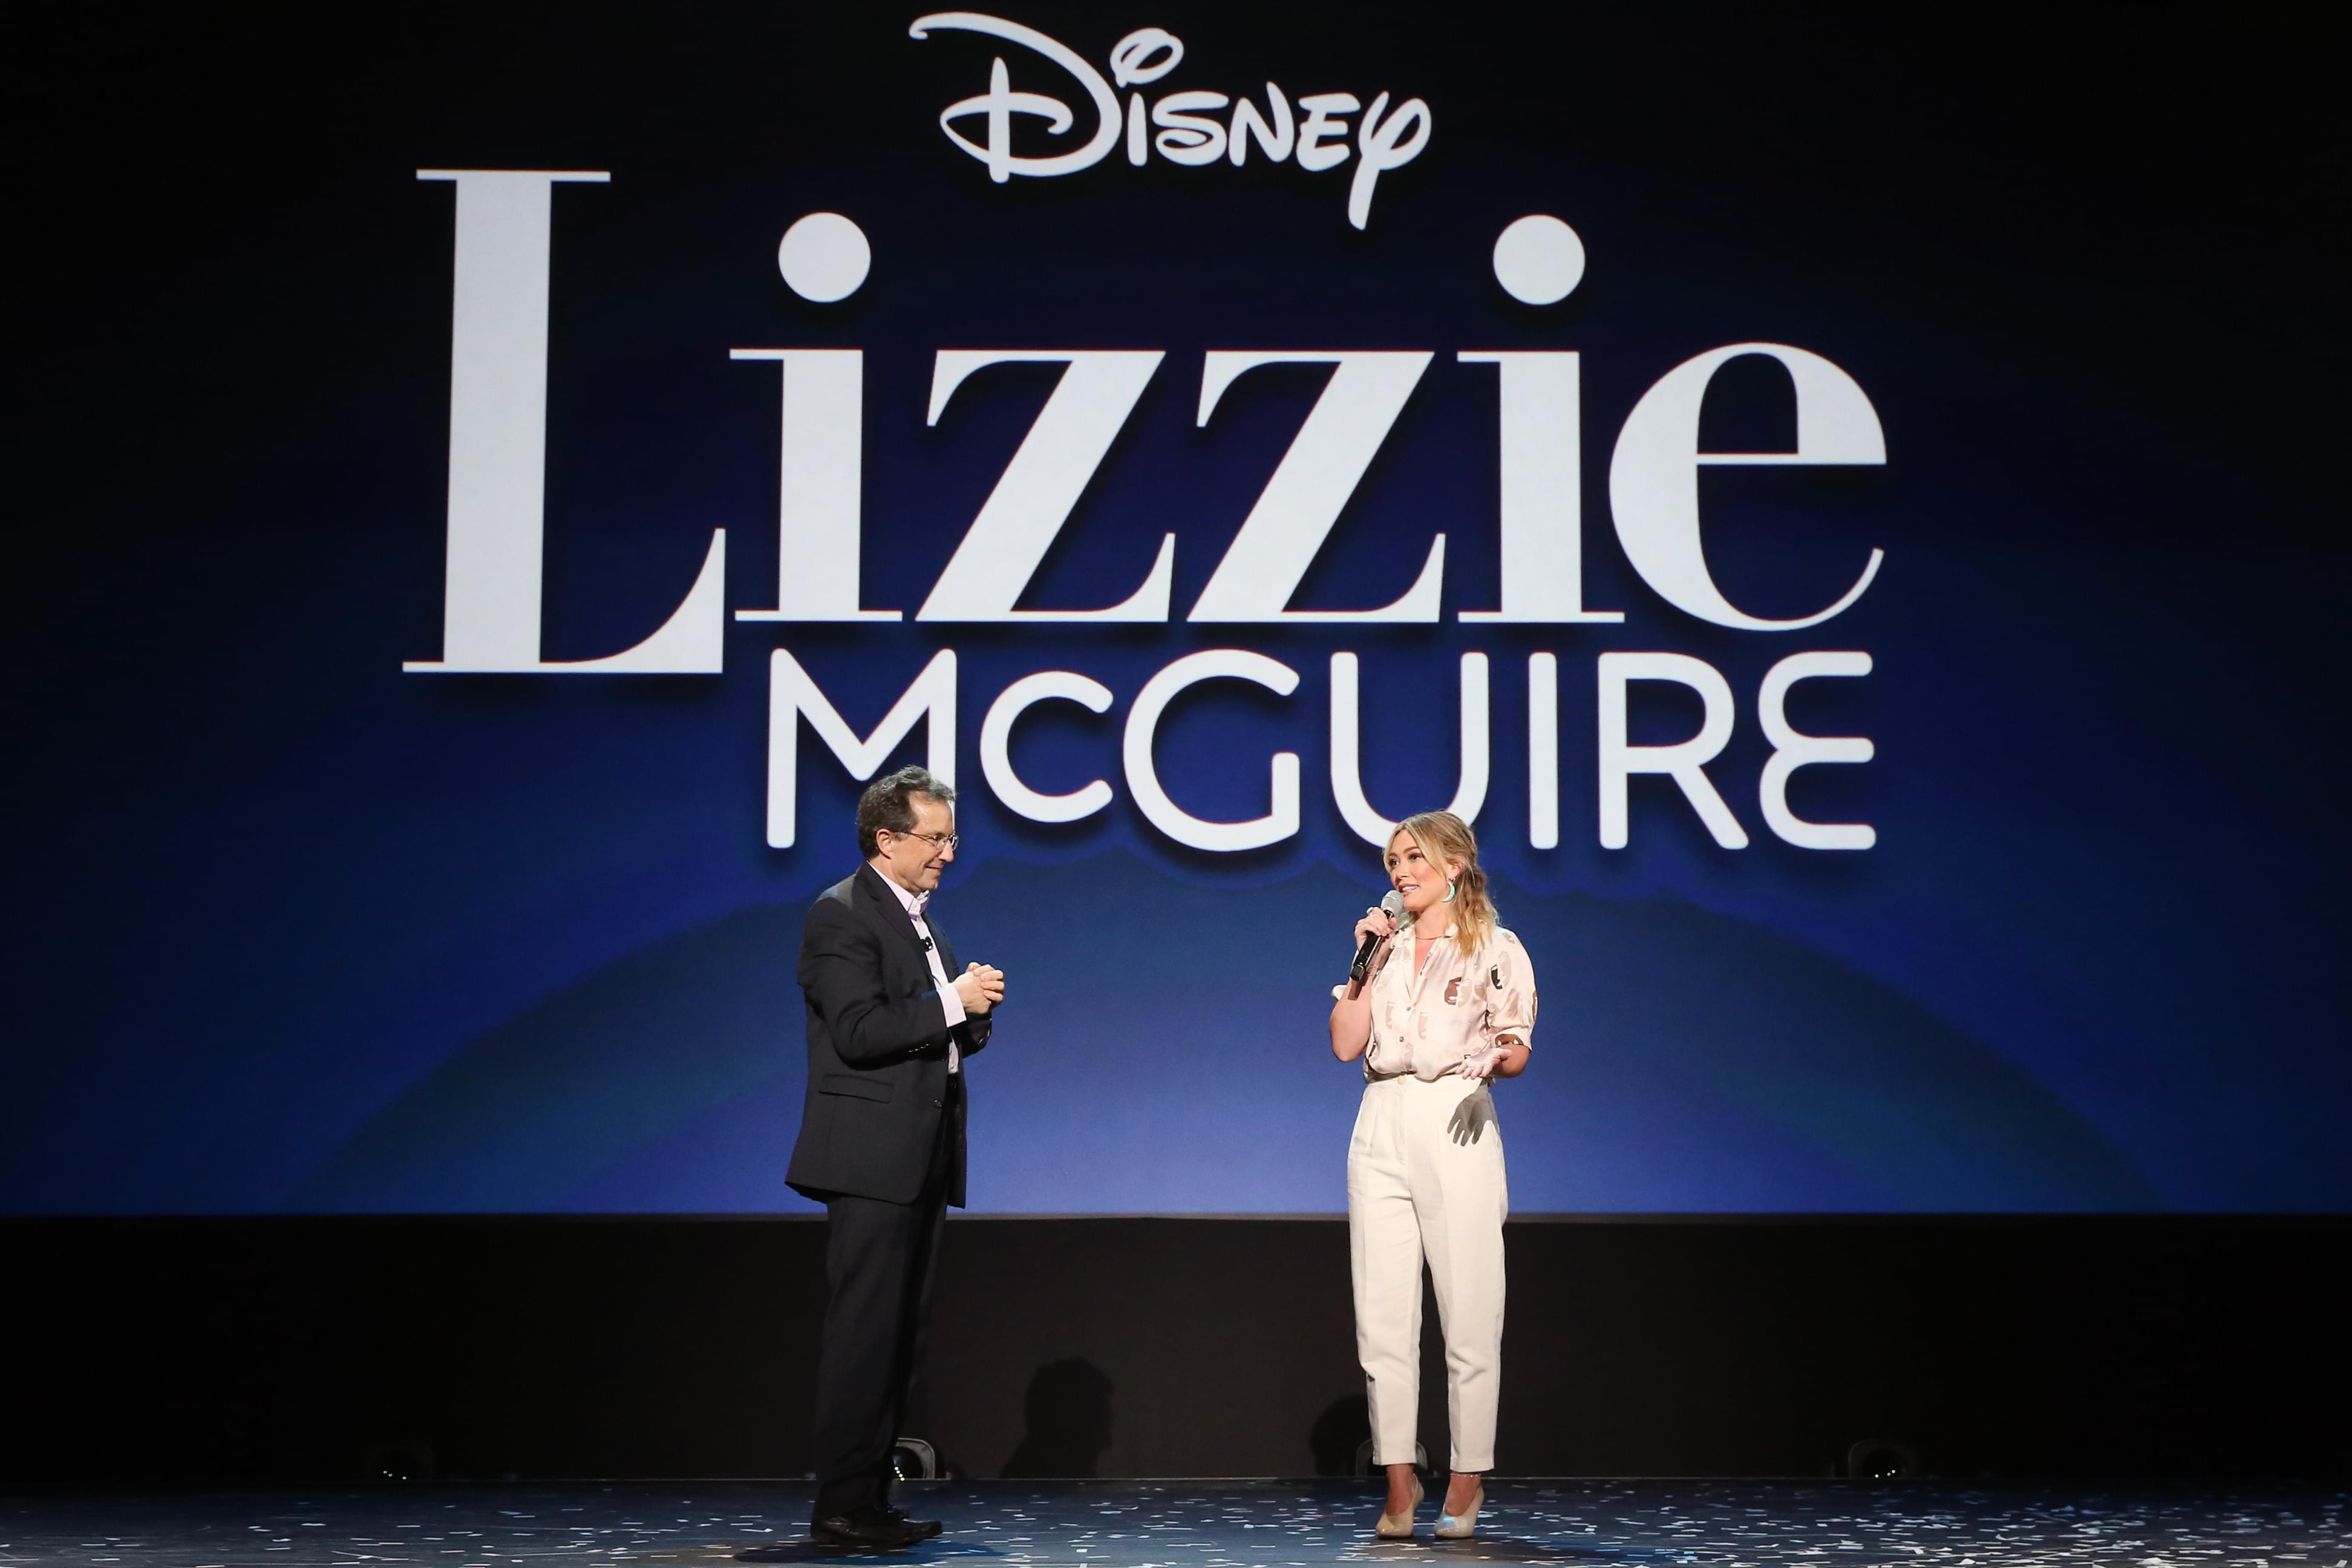 WATCH: Behind The Scenes of Lizzie McGuire Reboot